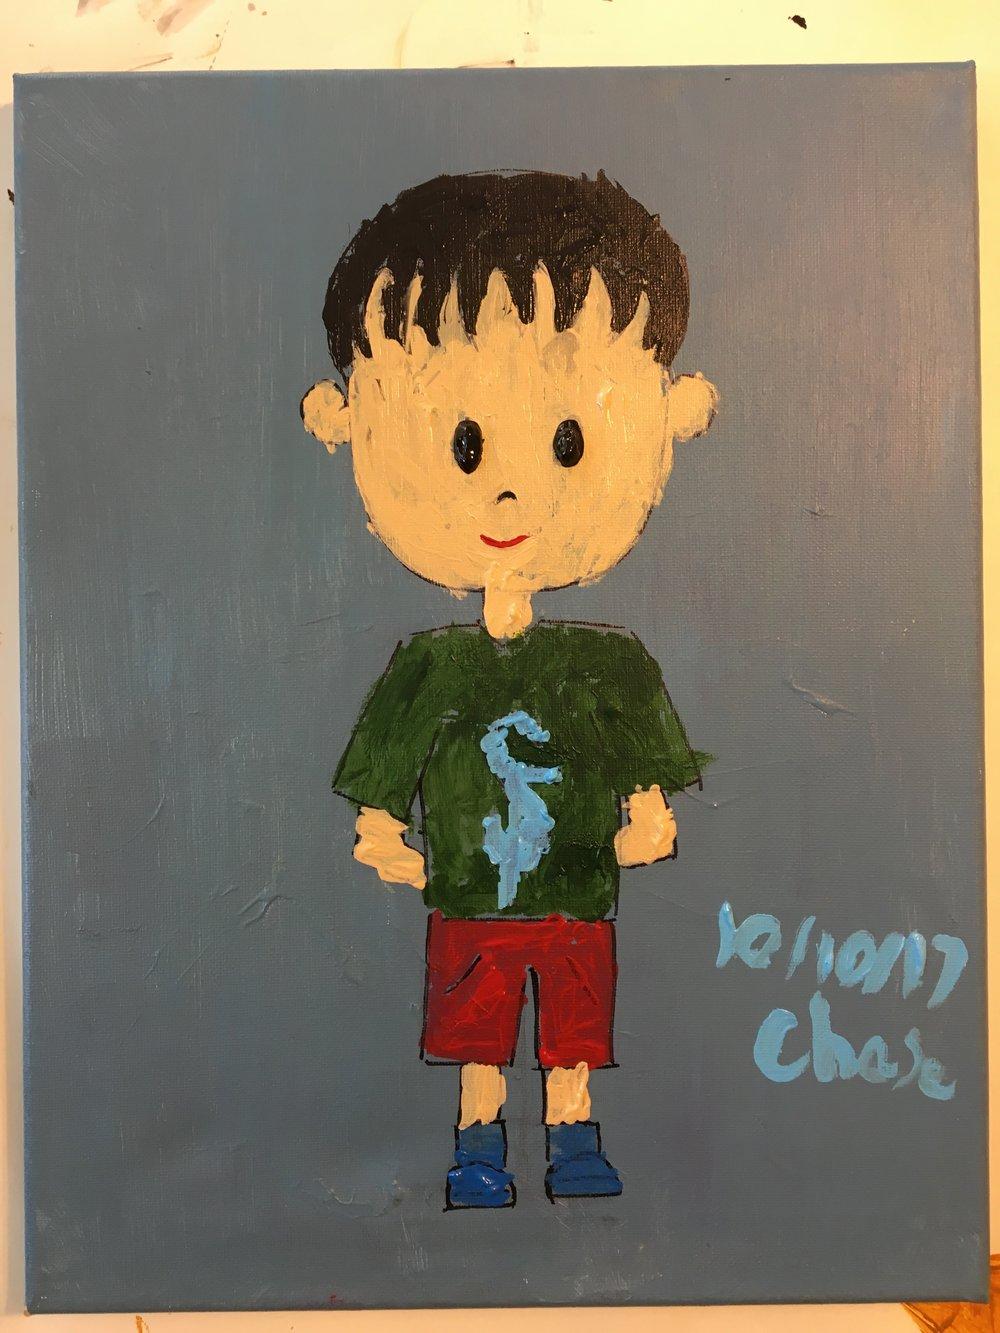 Acrylic paint, age 5